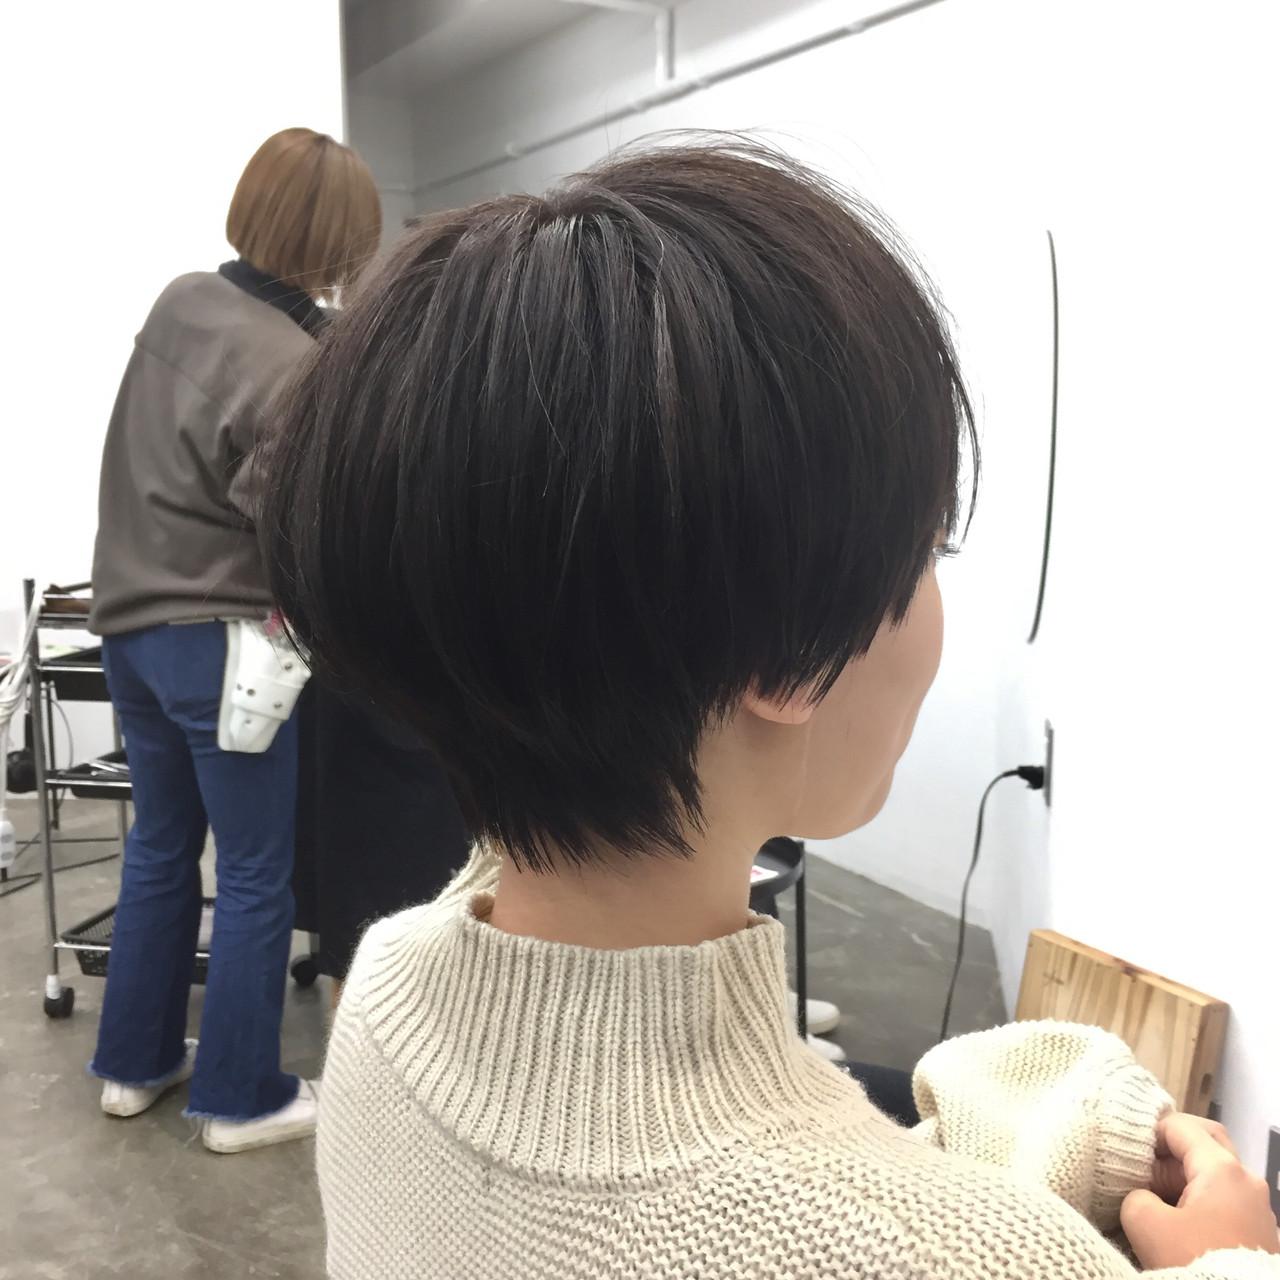 ハンサムショート 大人ショート ナチュラル 小顔ショート ヘアスタイルや髪型の写真・画像 | 【ショート&ショートボブはお任せください】淺川聖 / parc sapporo